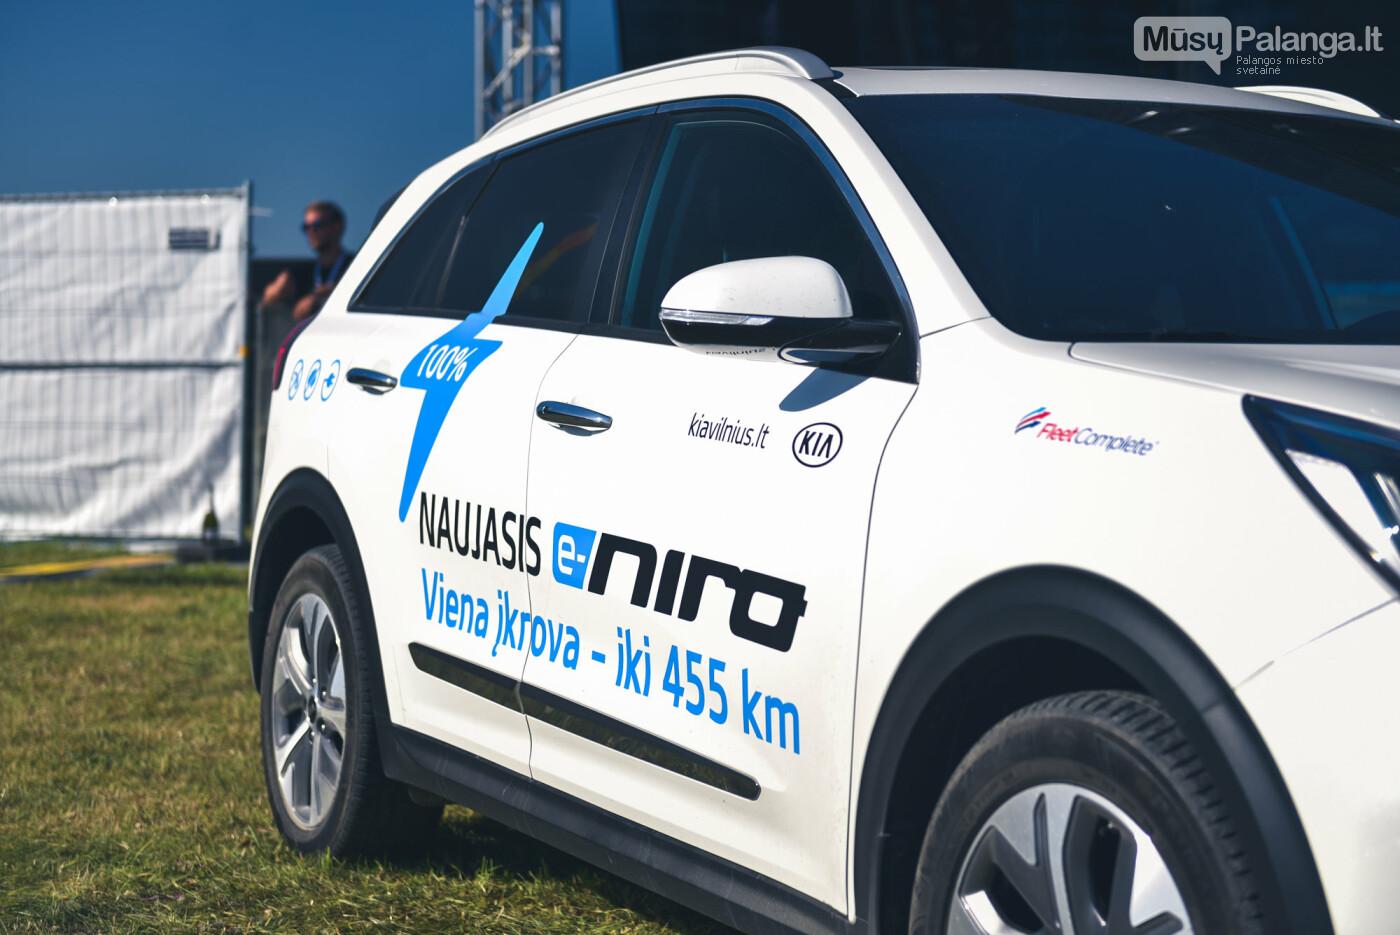 Naujas rekordas: elektromobiliu aplink Lietuvą per 22 valandas, nuotrauka-13, Vytauto PILKAUSKO ir rekordo autorių nuotr.